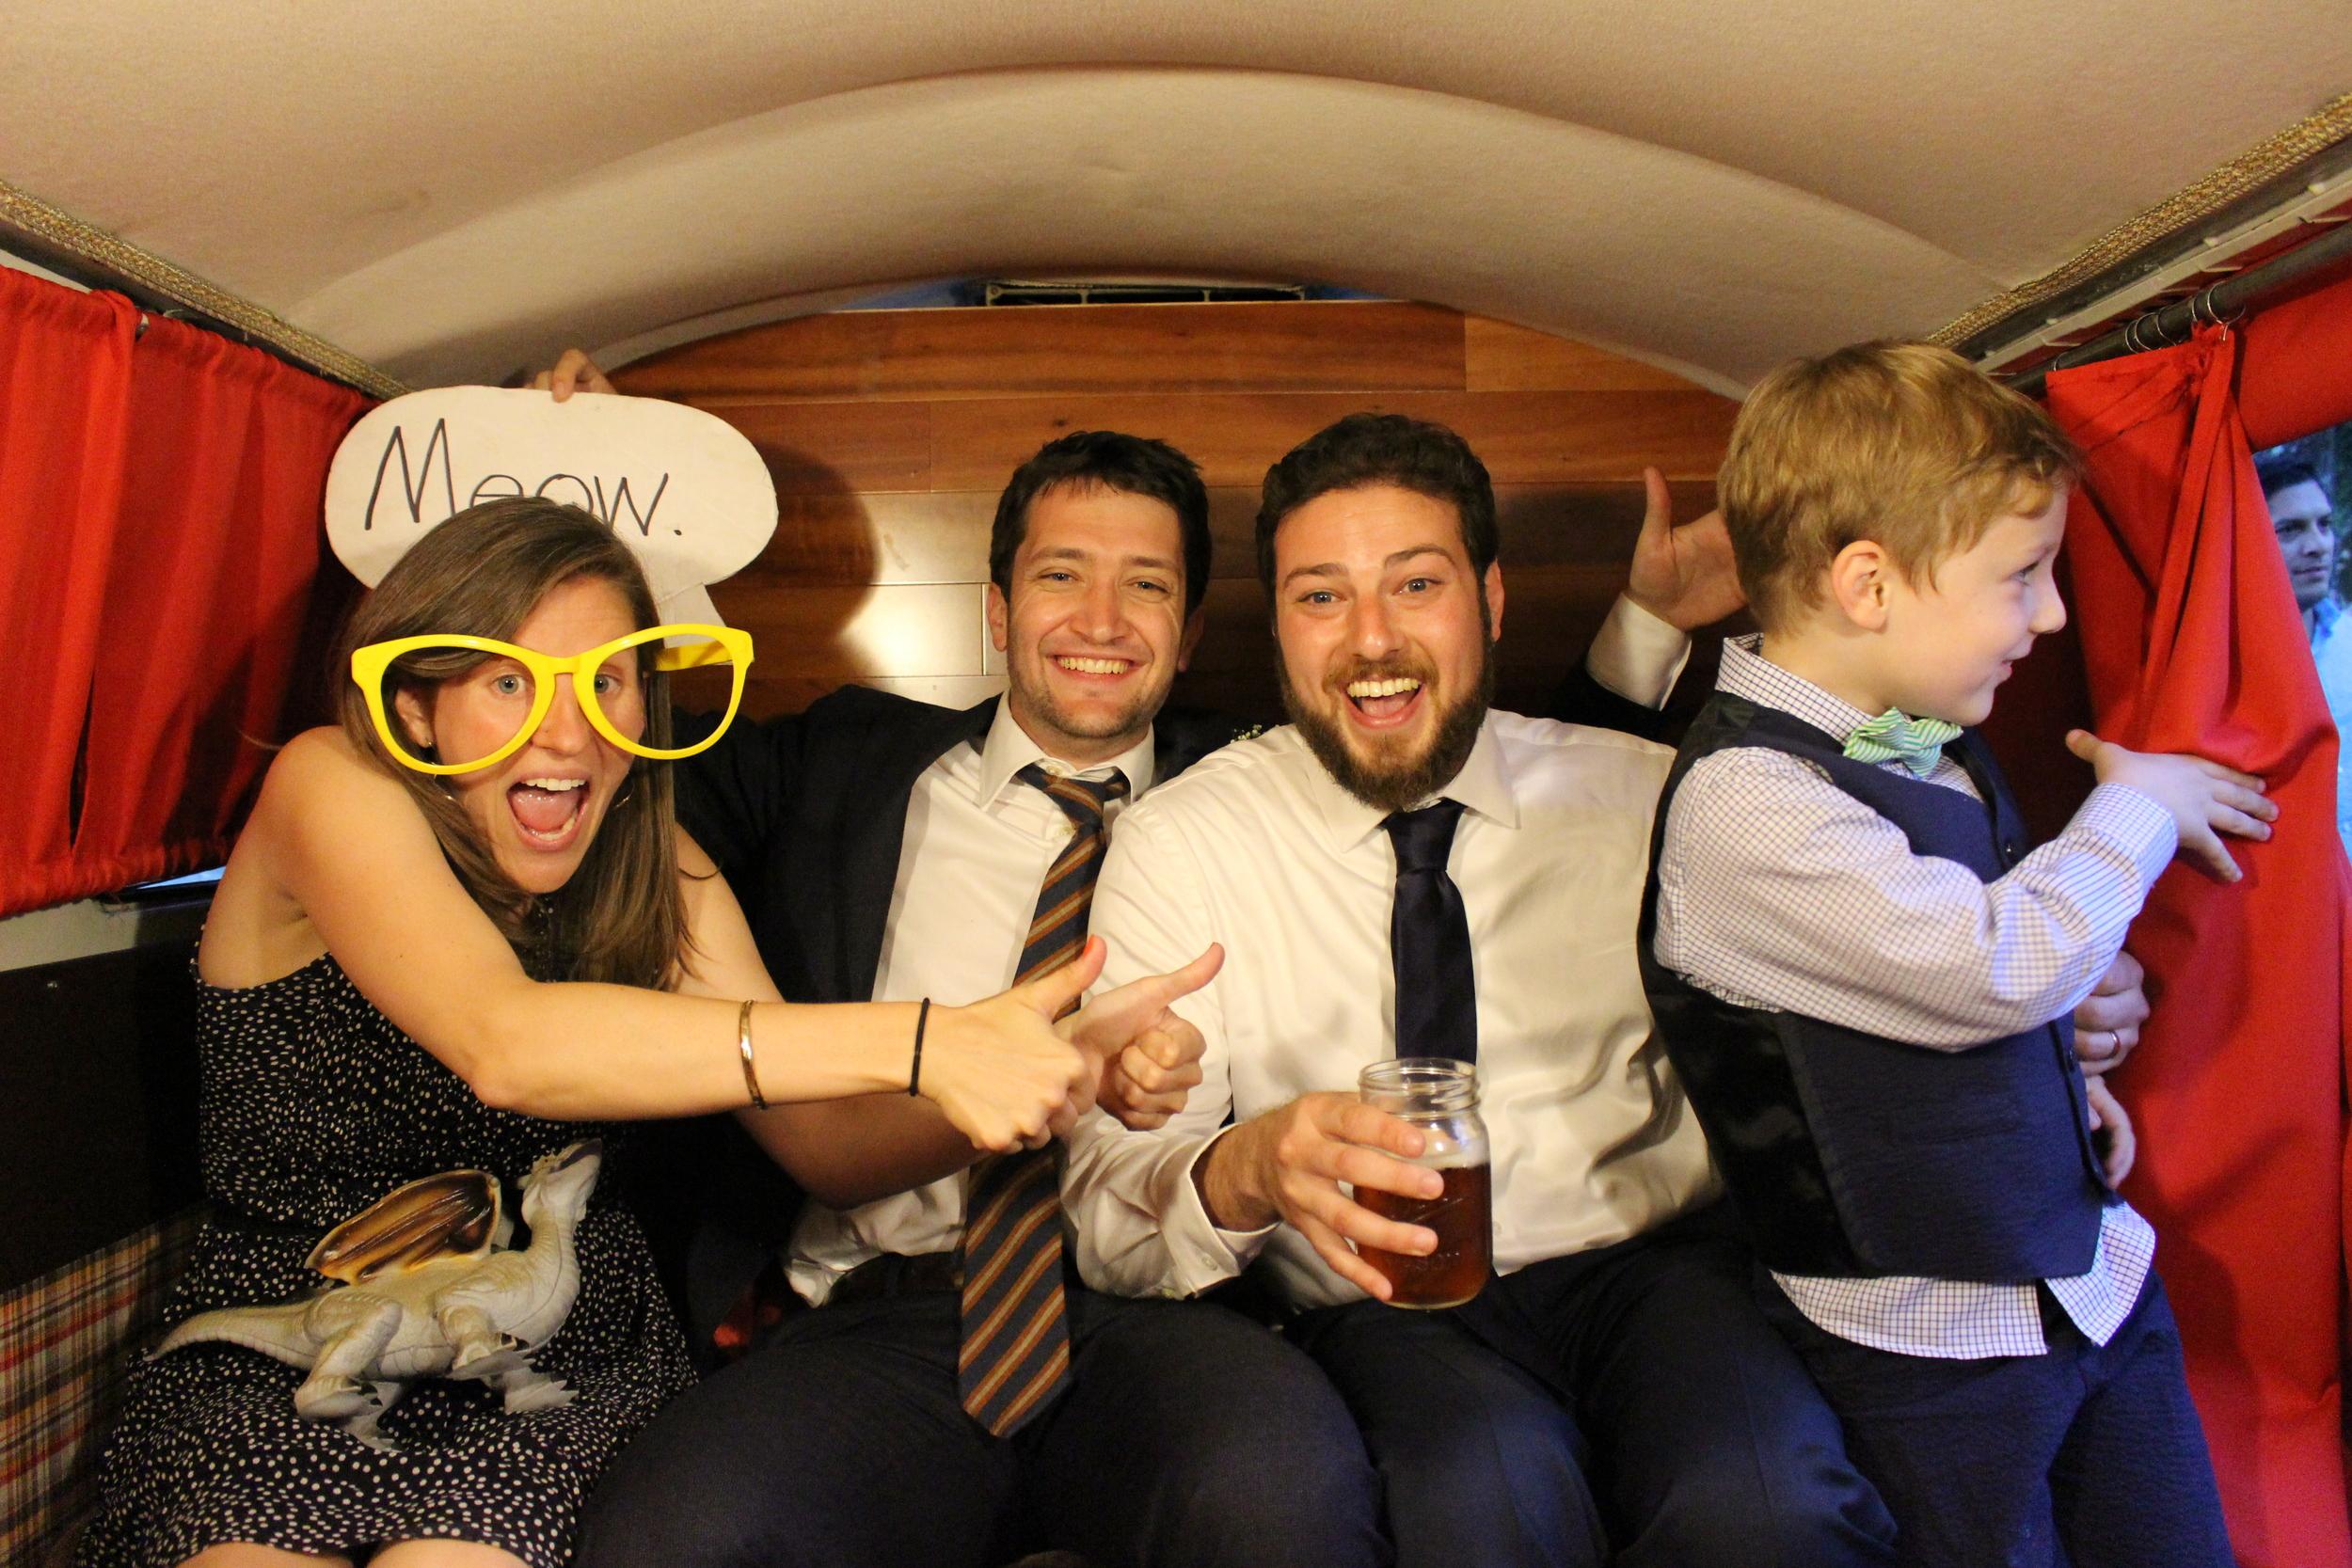 Family fun in Das Bus at the wedding.